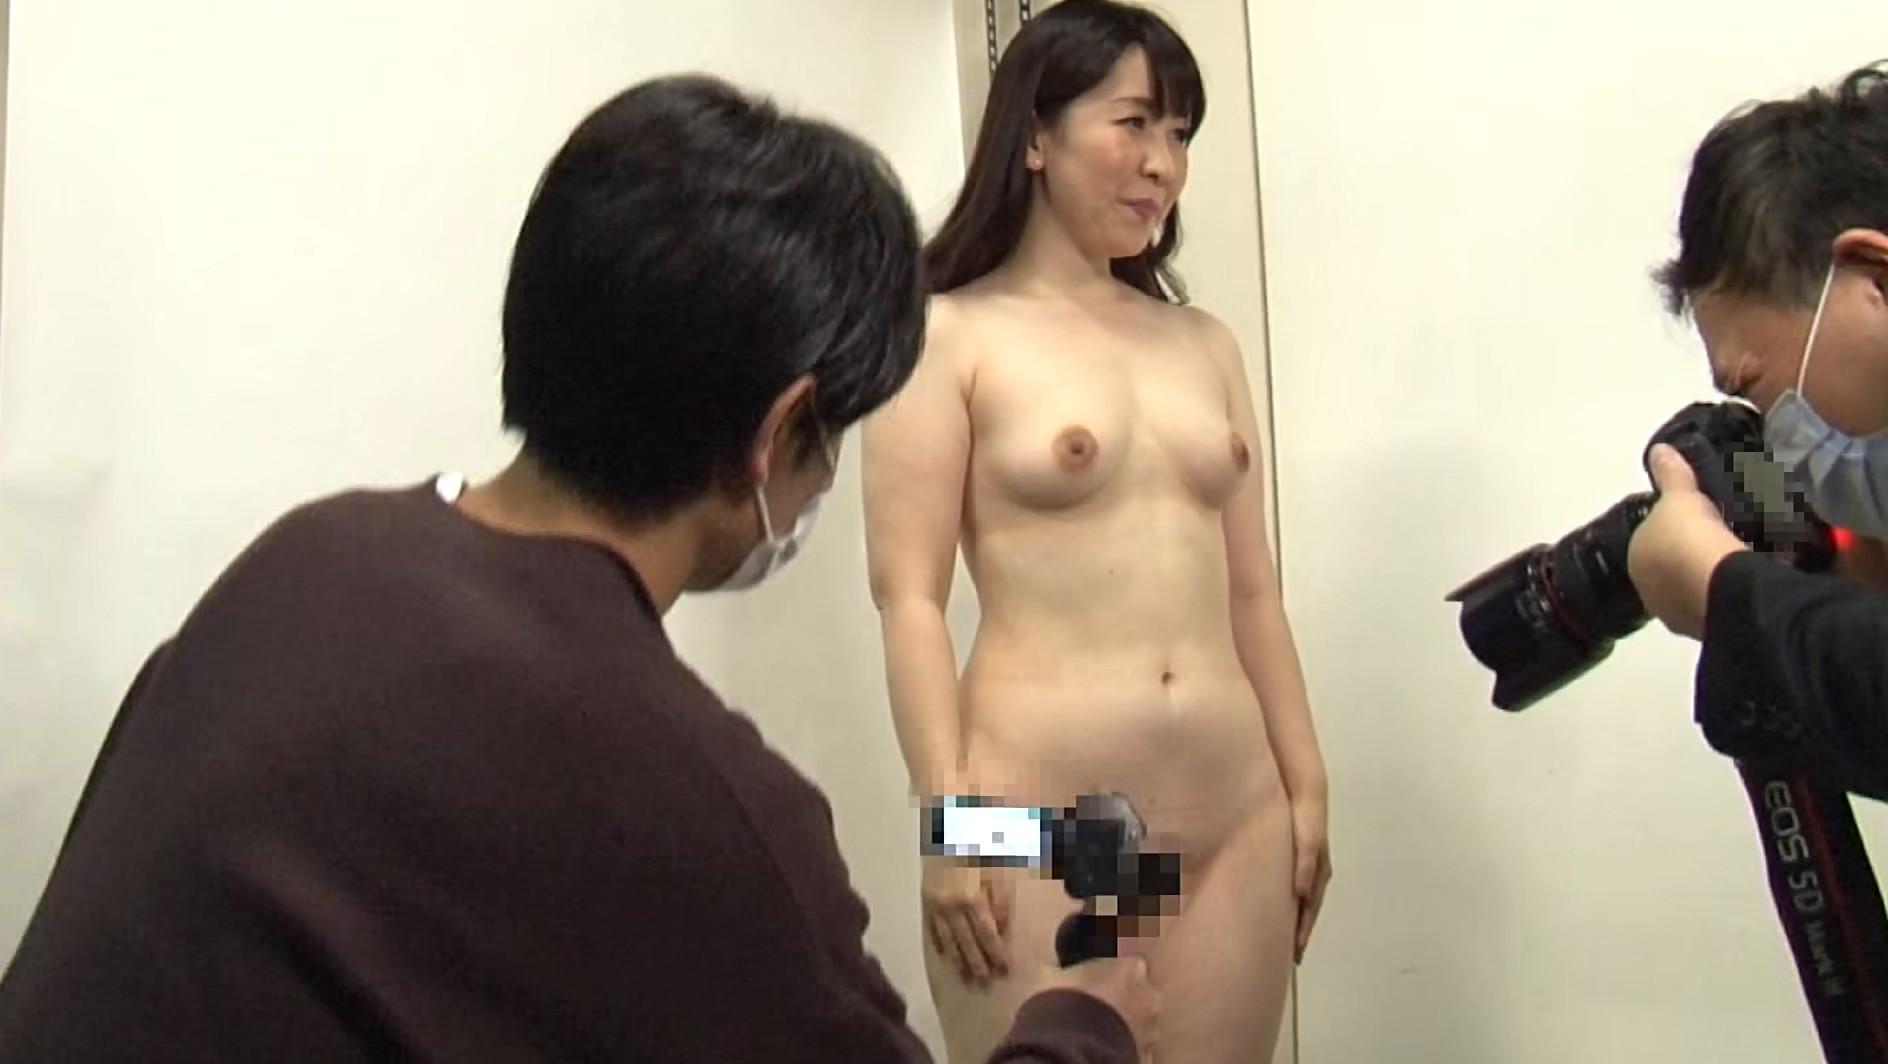 訳あり熟女の初撮りAVに完全密着(2)~複数プレイがしてみたい・和奈さん(35歳)&SEXが好きすぎて・百合さん(40歳) 画像2